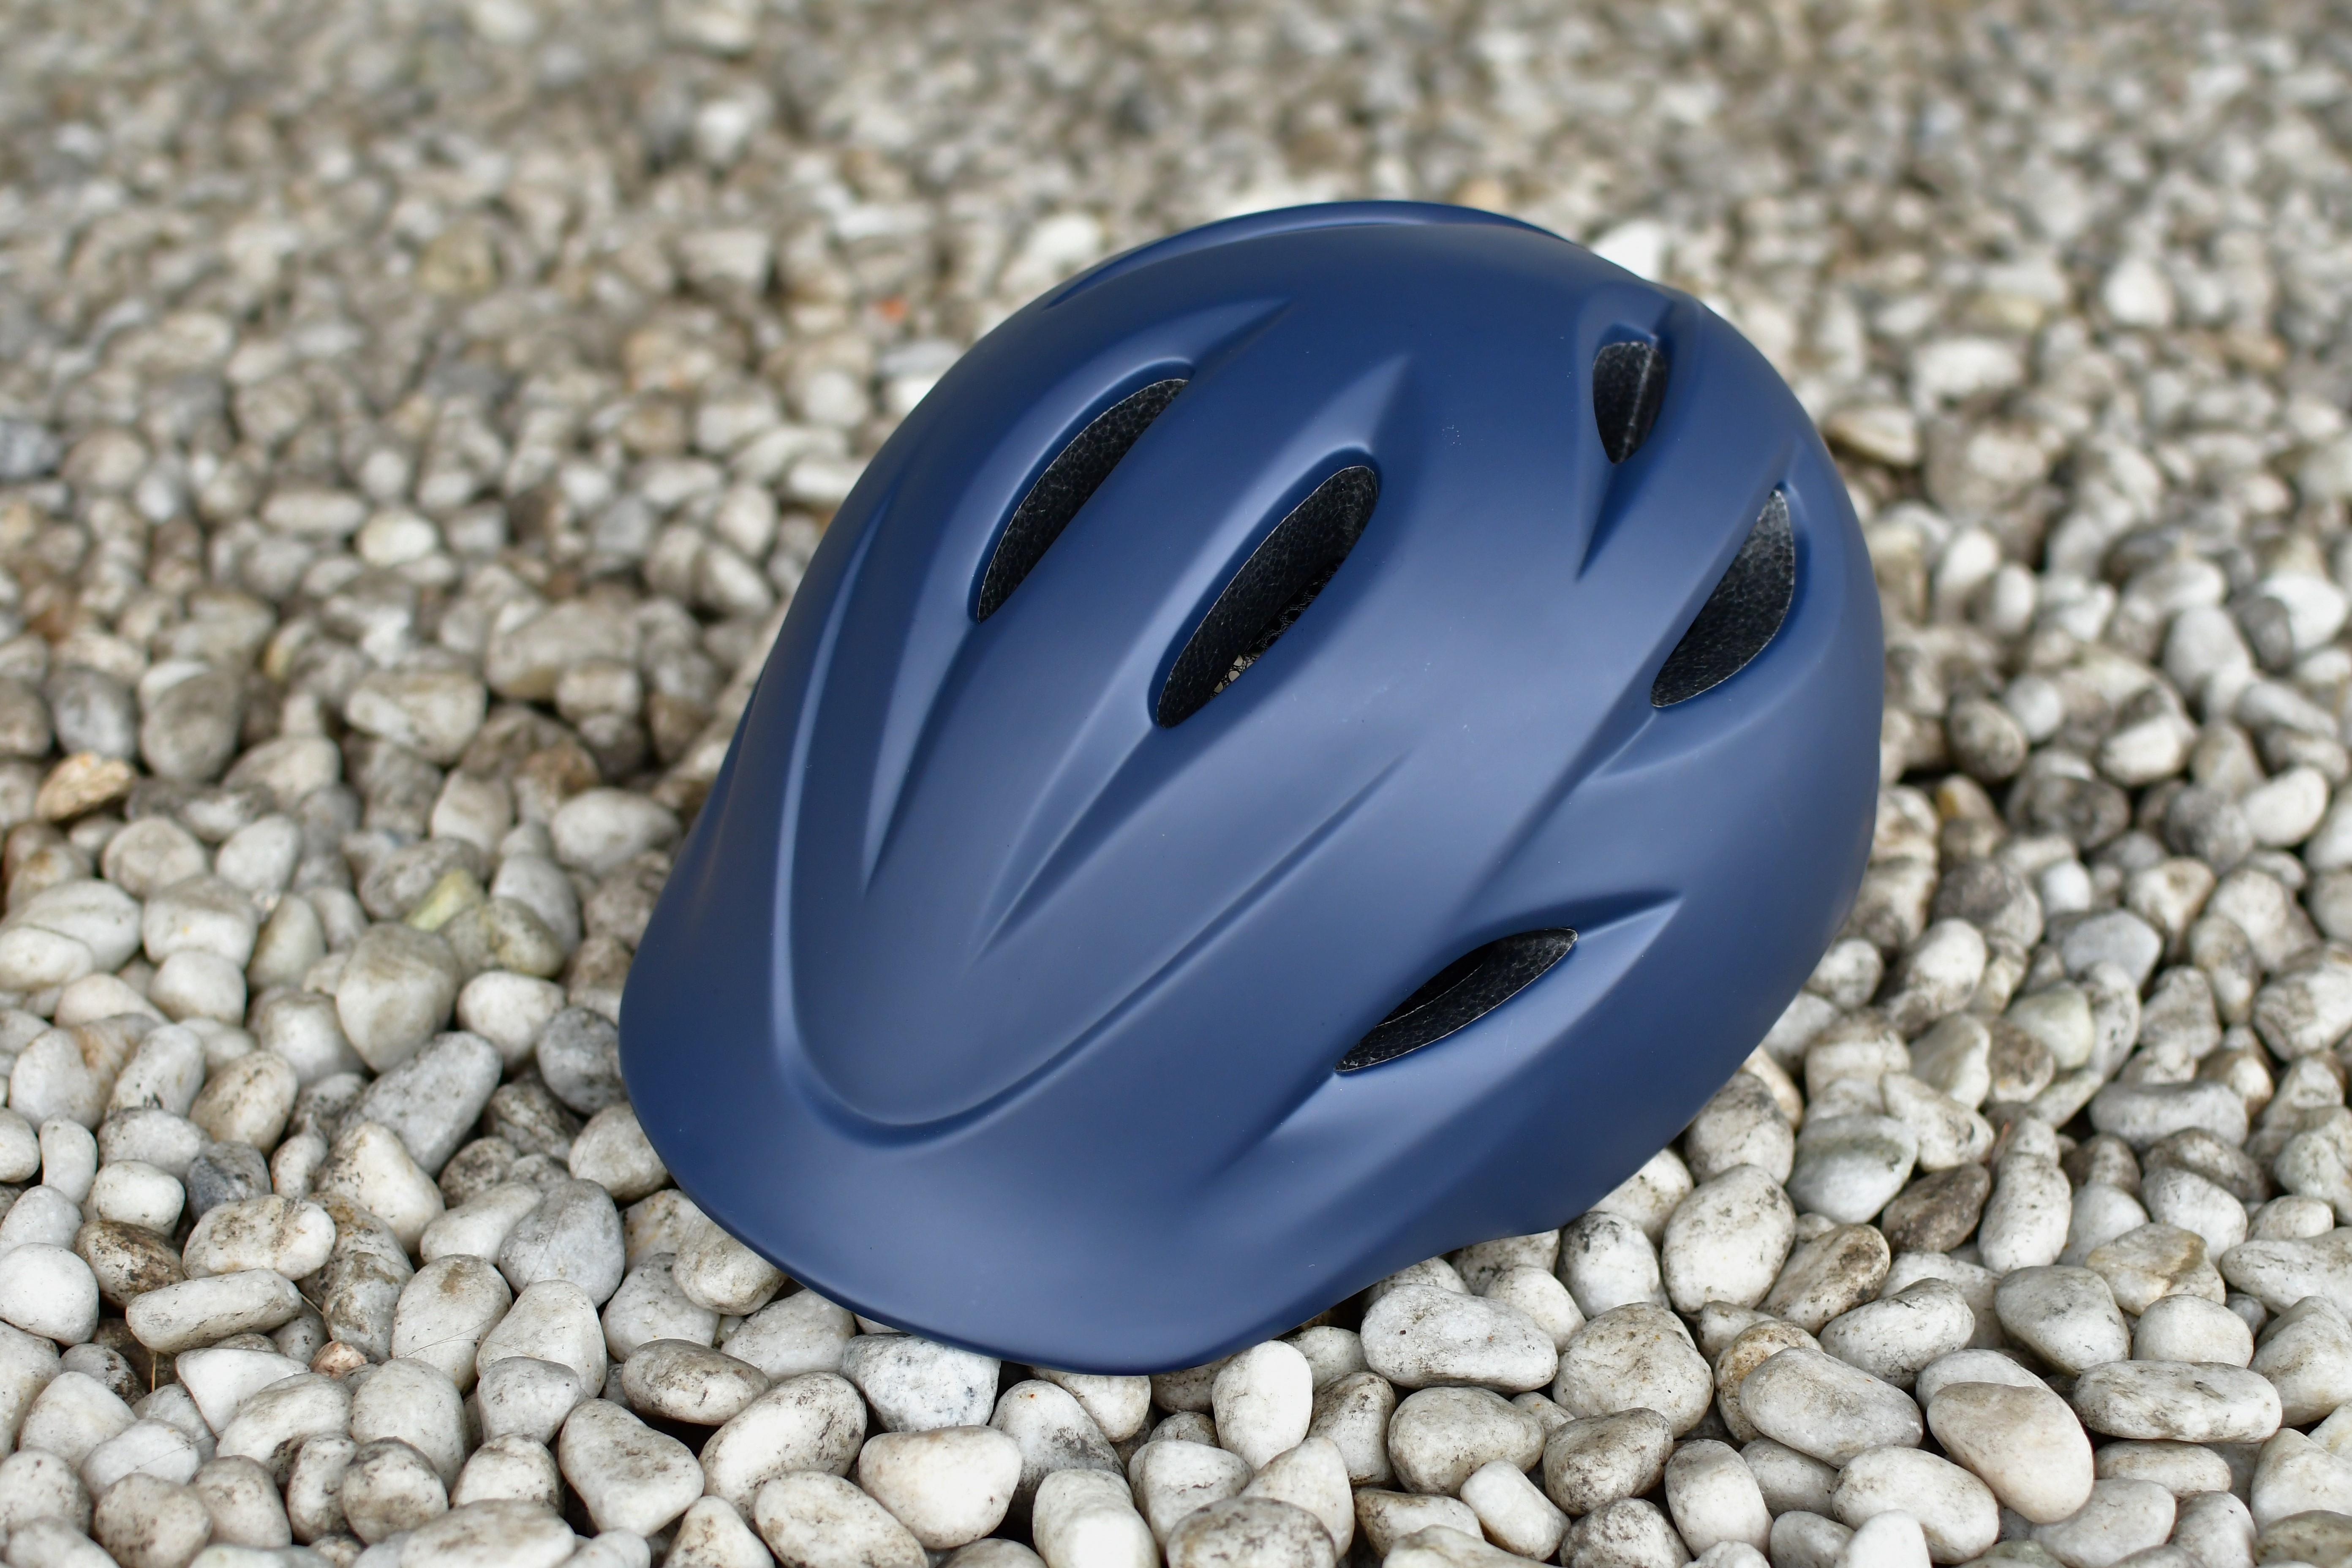 自転車通勤からサイクリングまで、シーンを問わずかぶれるヘルメット、KURMS(クルムス)登場